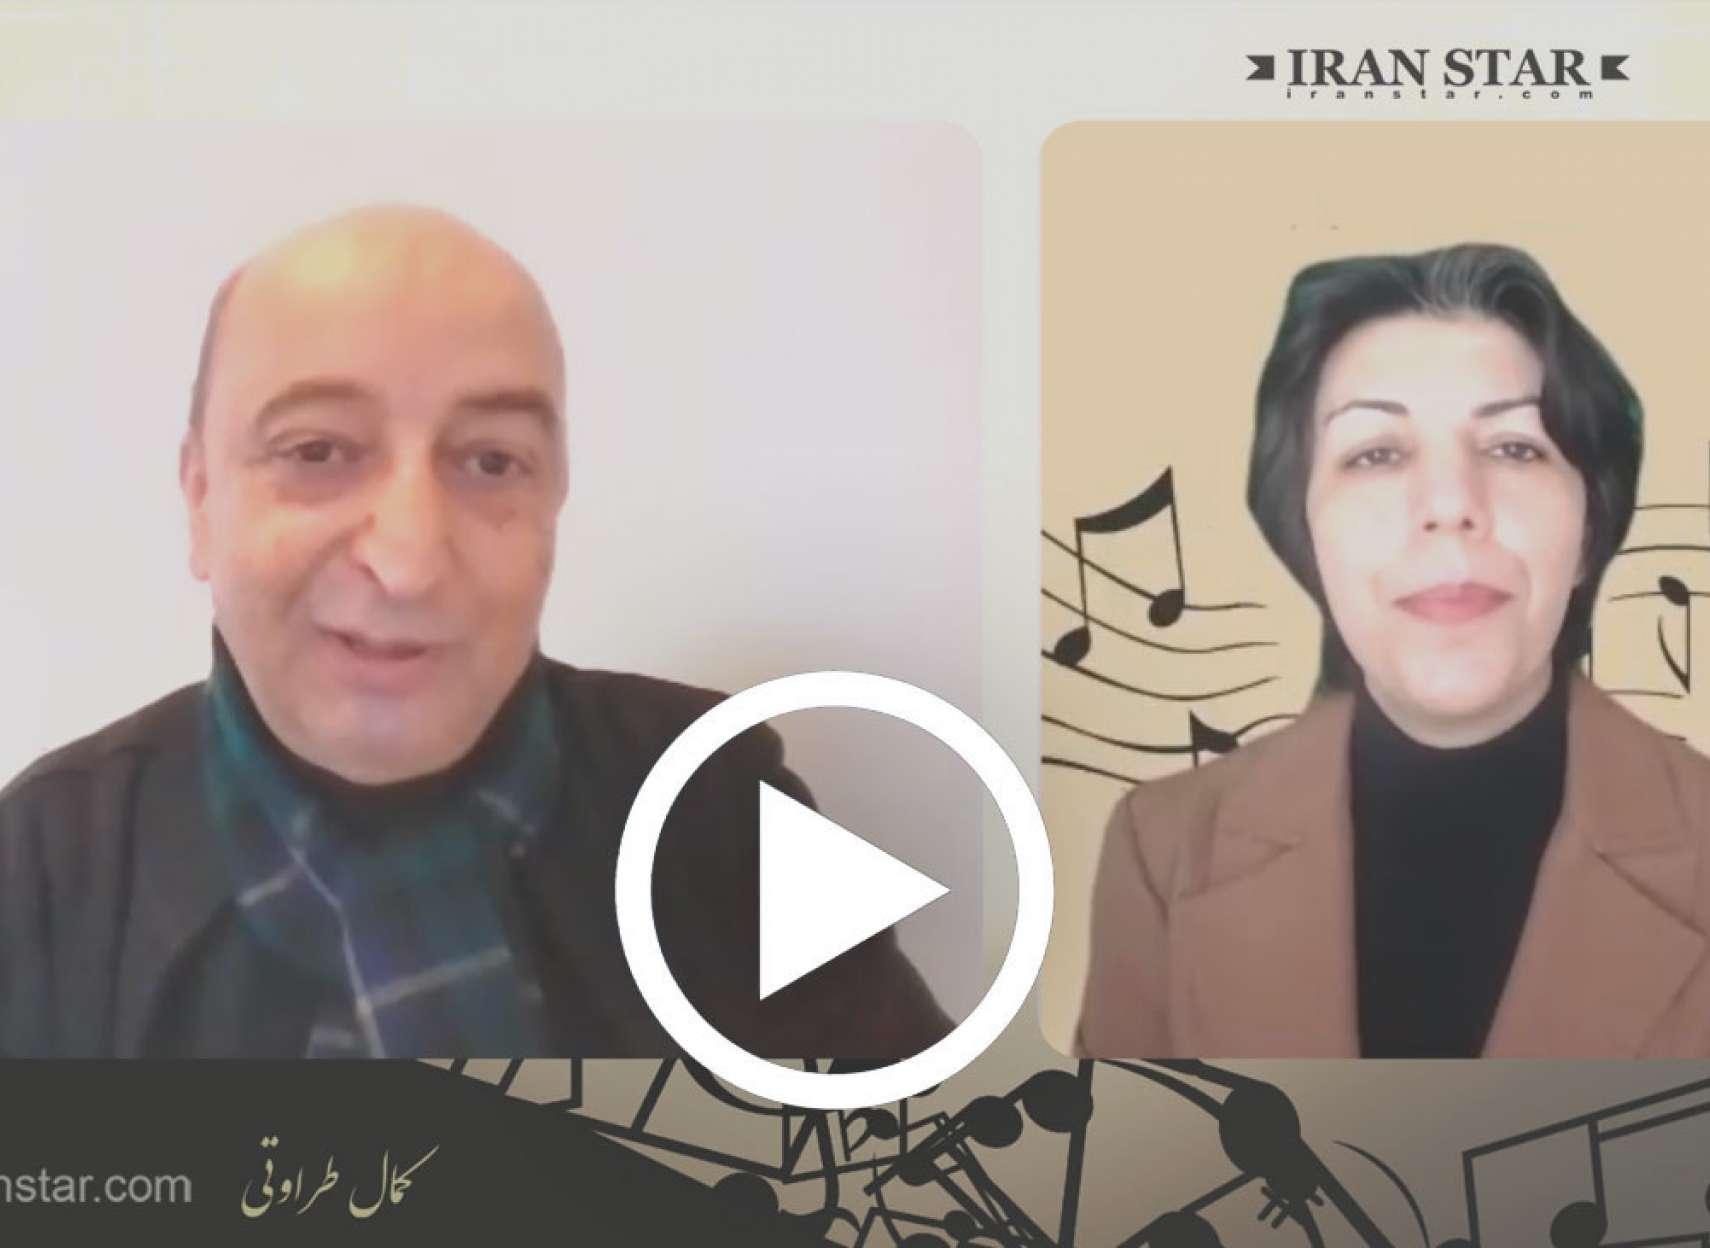 مصاحبه اختصاصی ایران استار با شما : کمال طراوتی - موسیقی، کرونا